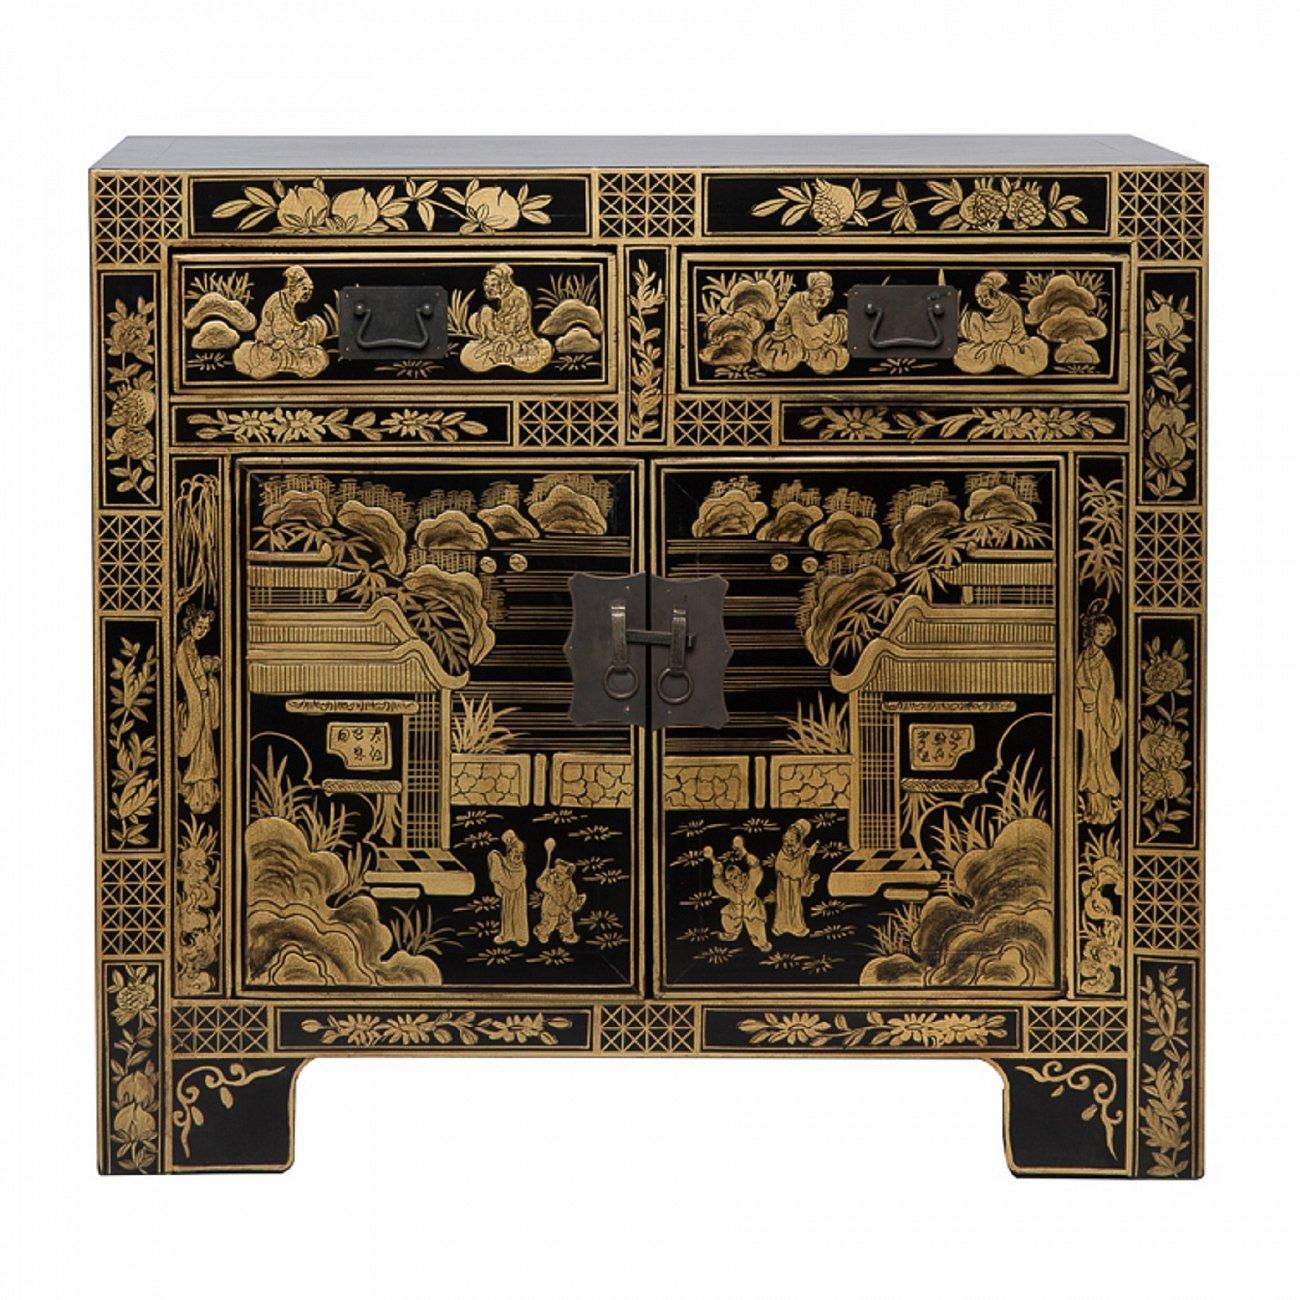 Купить Комод Гуй-ан-жин Чёрный с золотой росписью в интернет магазине дизайнерской мебели и аксессуаров для дома и дачи